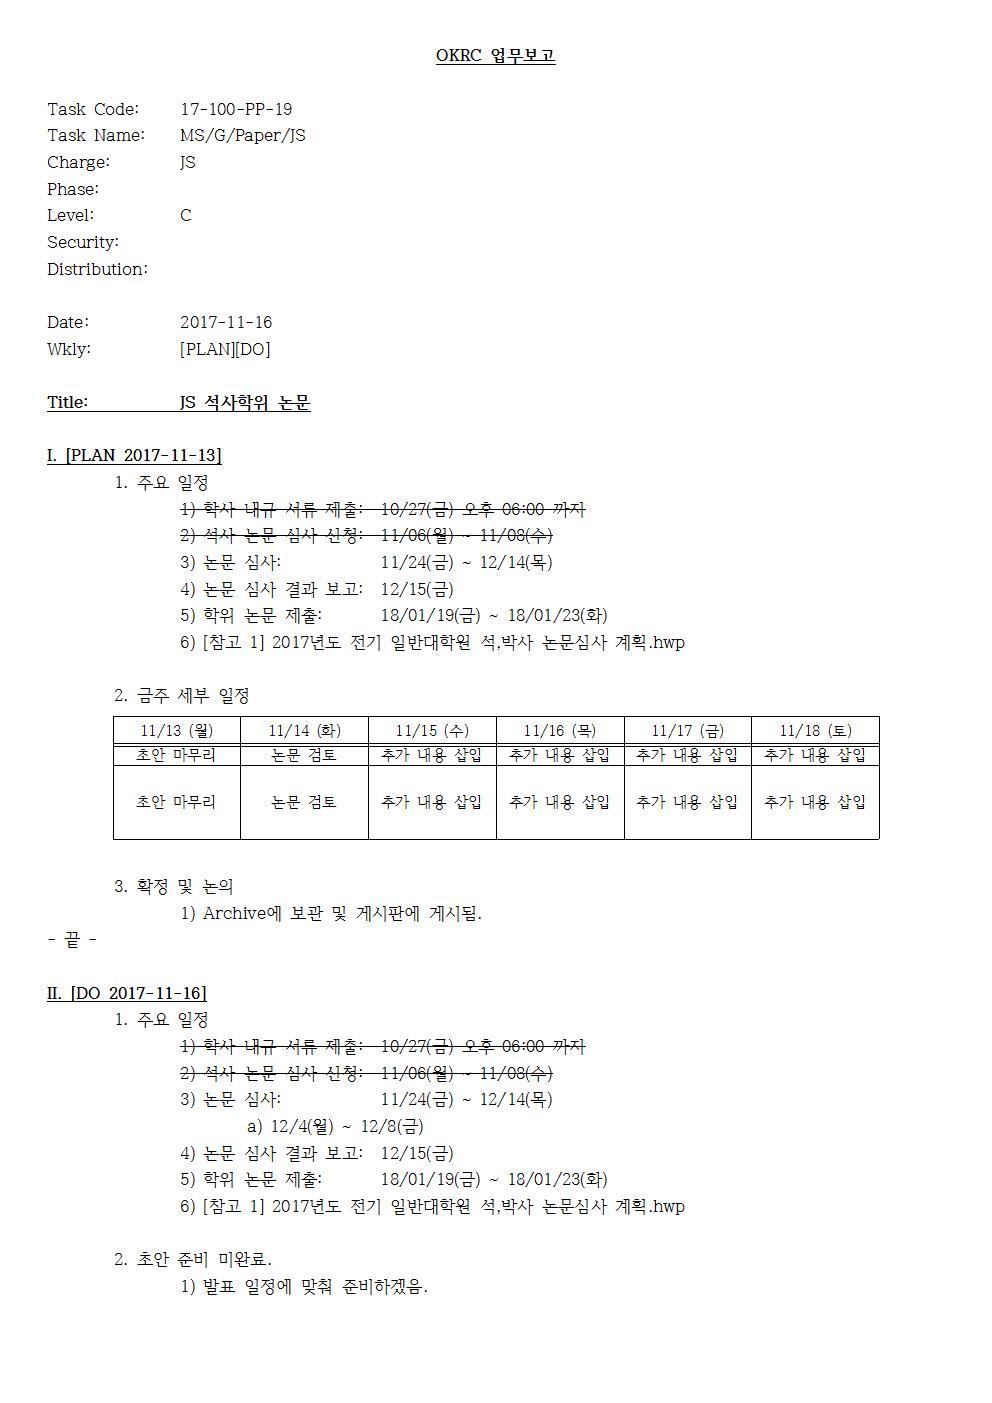 D-[17-100-PP-19]-[MS-G-Paper-JS]-[JS]-[2017-11-16]-[PLAN][DO]001.jpg